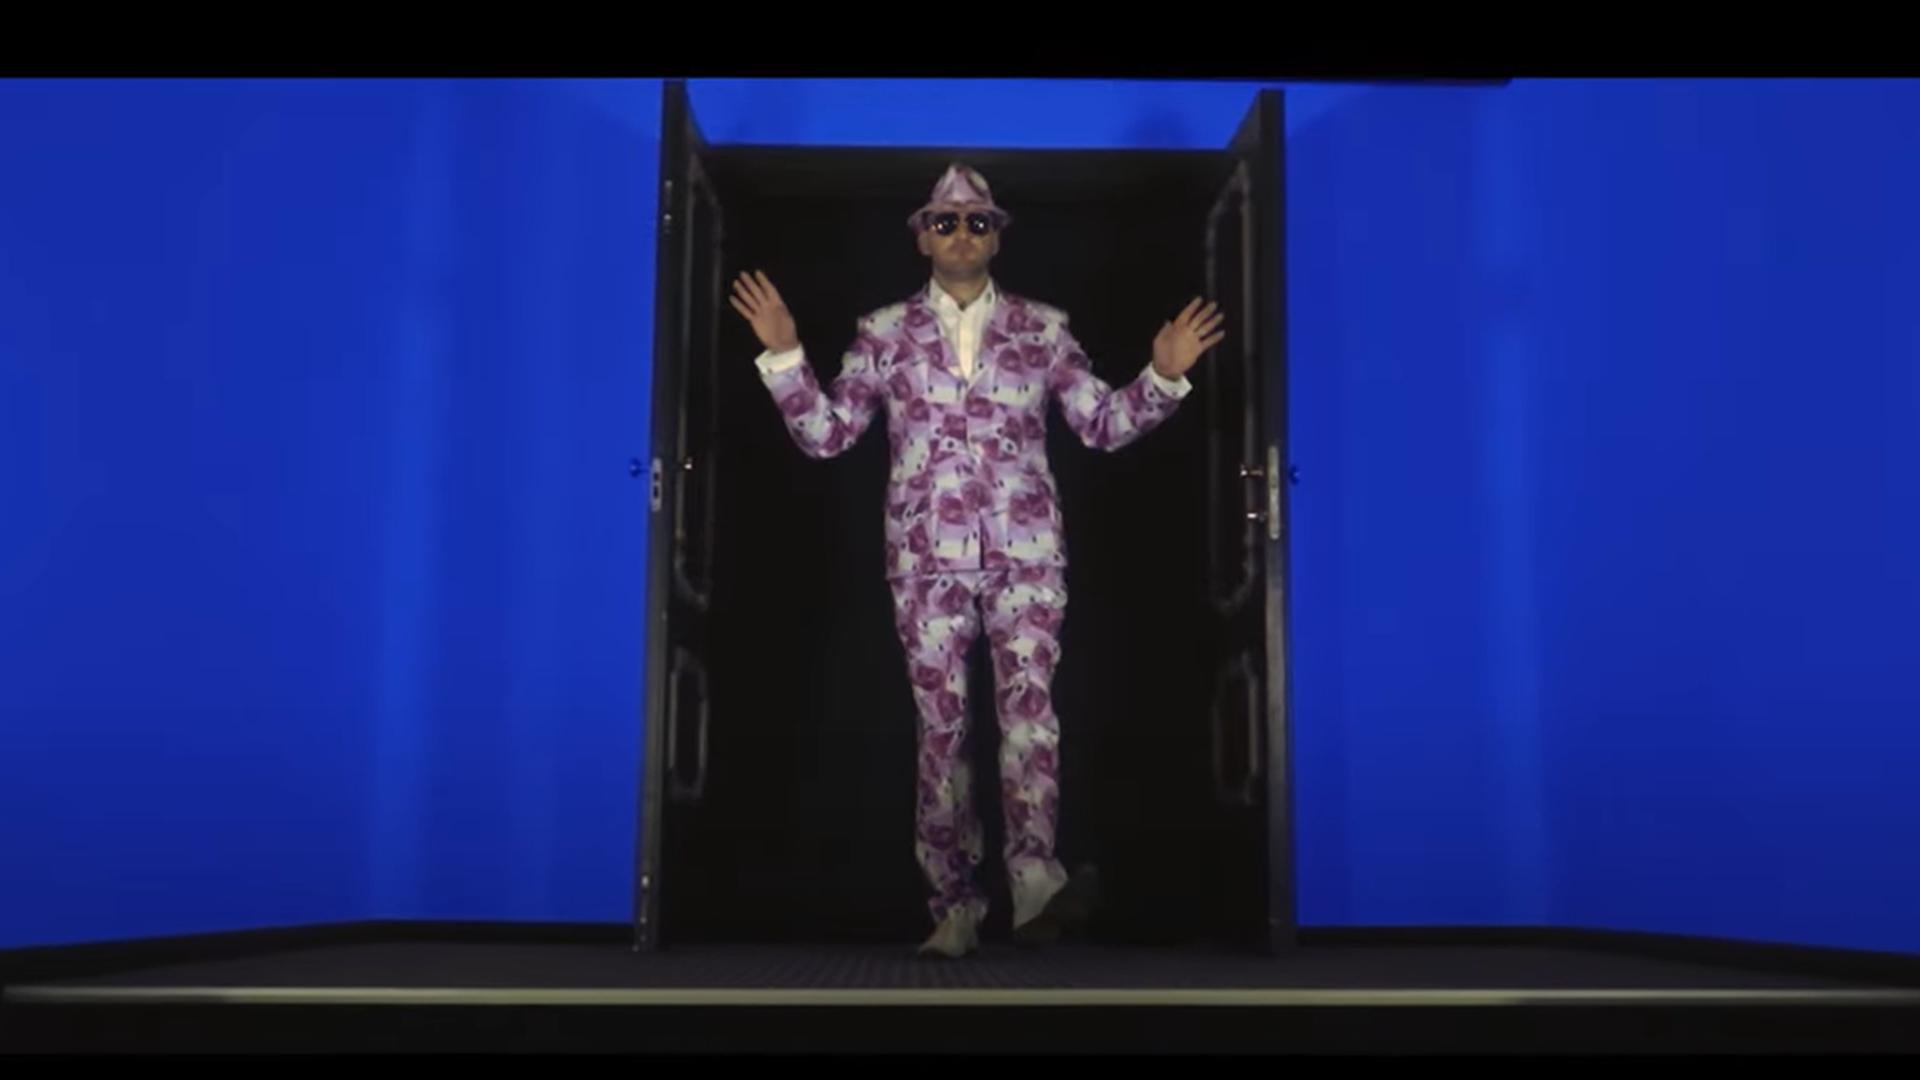 Culpas ja Stupid F said valmis videosingli, MC Lord hakkas Masta Robustaks